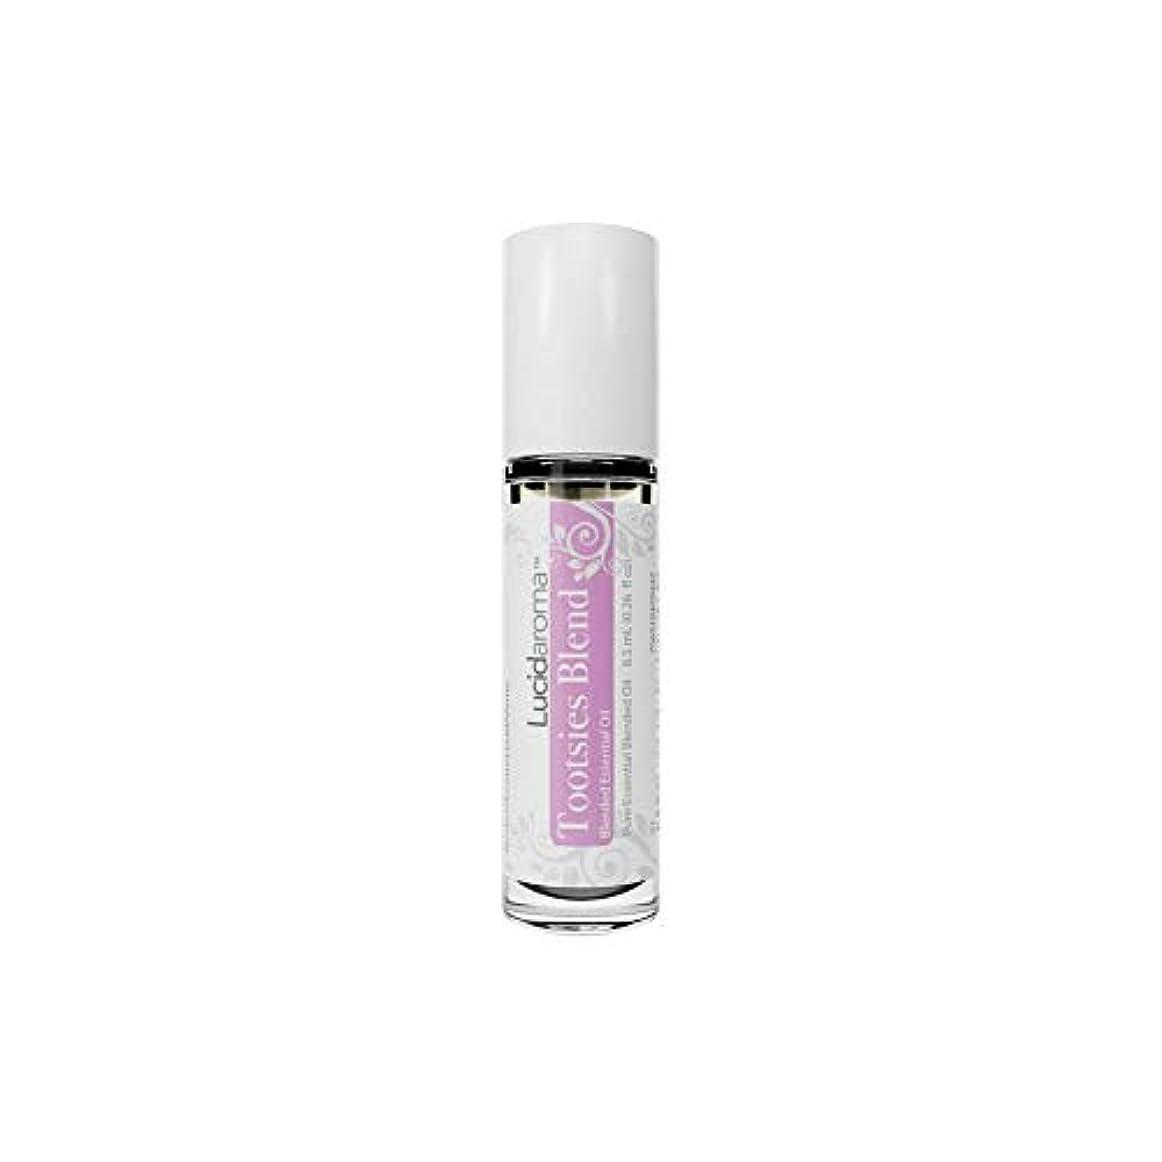 年金膜厚くするLucid Aroma Tootsies Blend トッツィーブレンド ロールオン アロマオイル 8.5mL (塗るアロマ) 100%天然 携帯便利 ピュア エッセンシャル アメリカ製